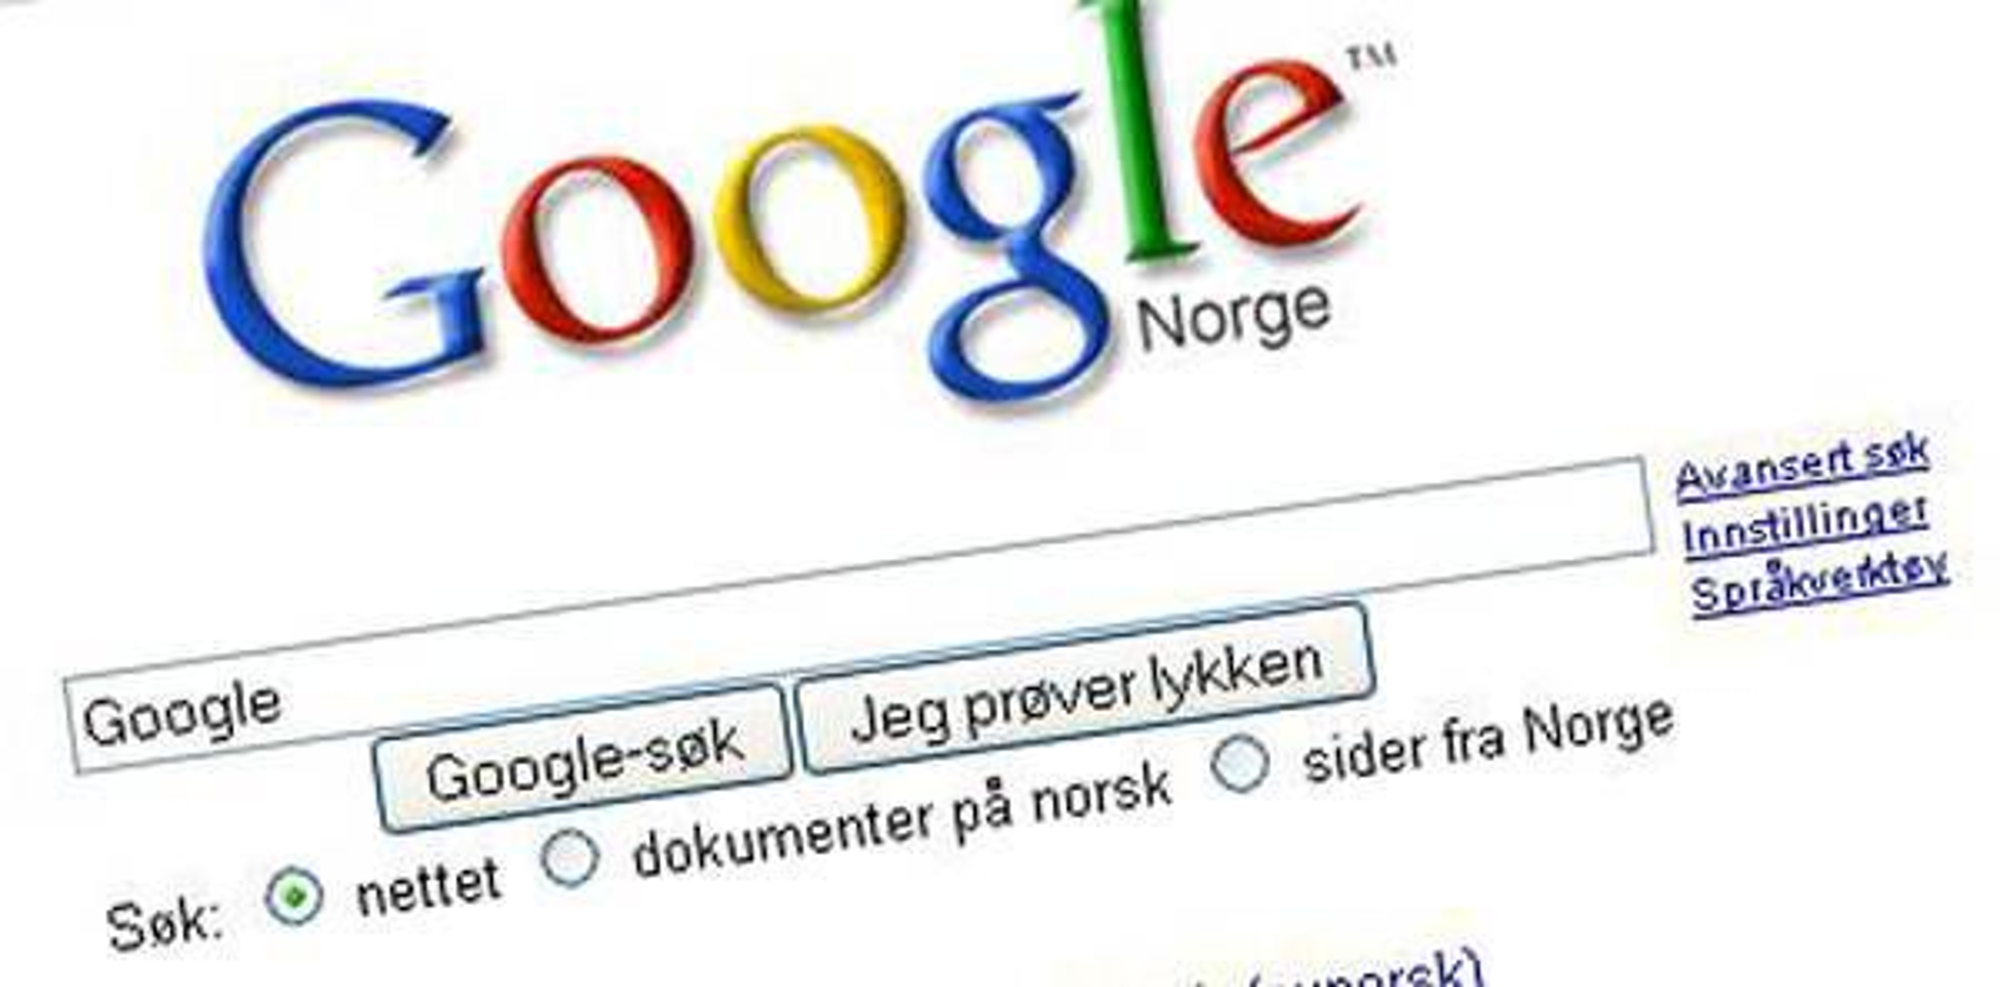 VIL SKJULE DET EKSTREME: Google vil sørge for at søkeresultater som fremmer ekstremisme havner langt ned på søkeresultat-listene.